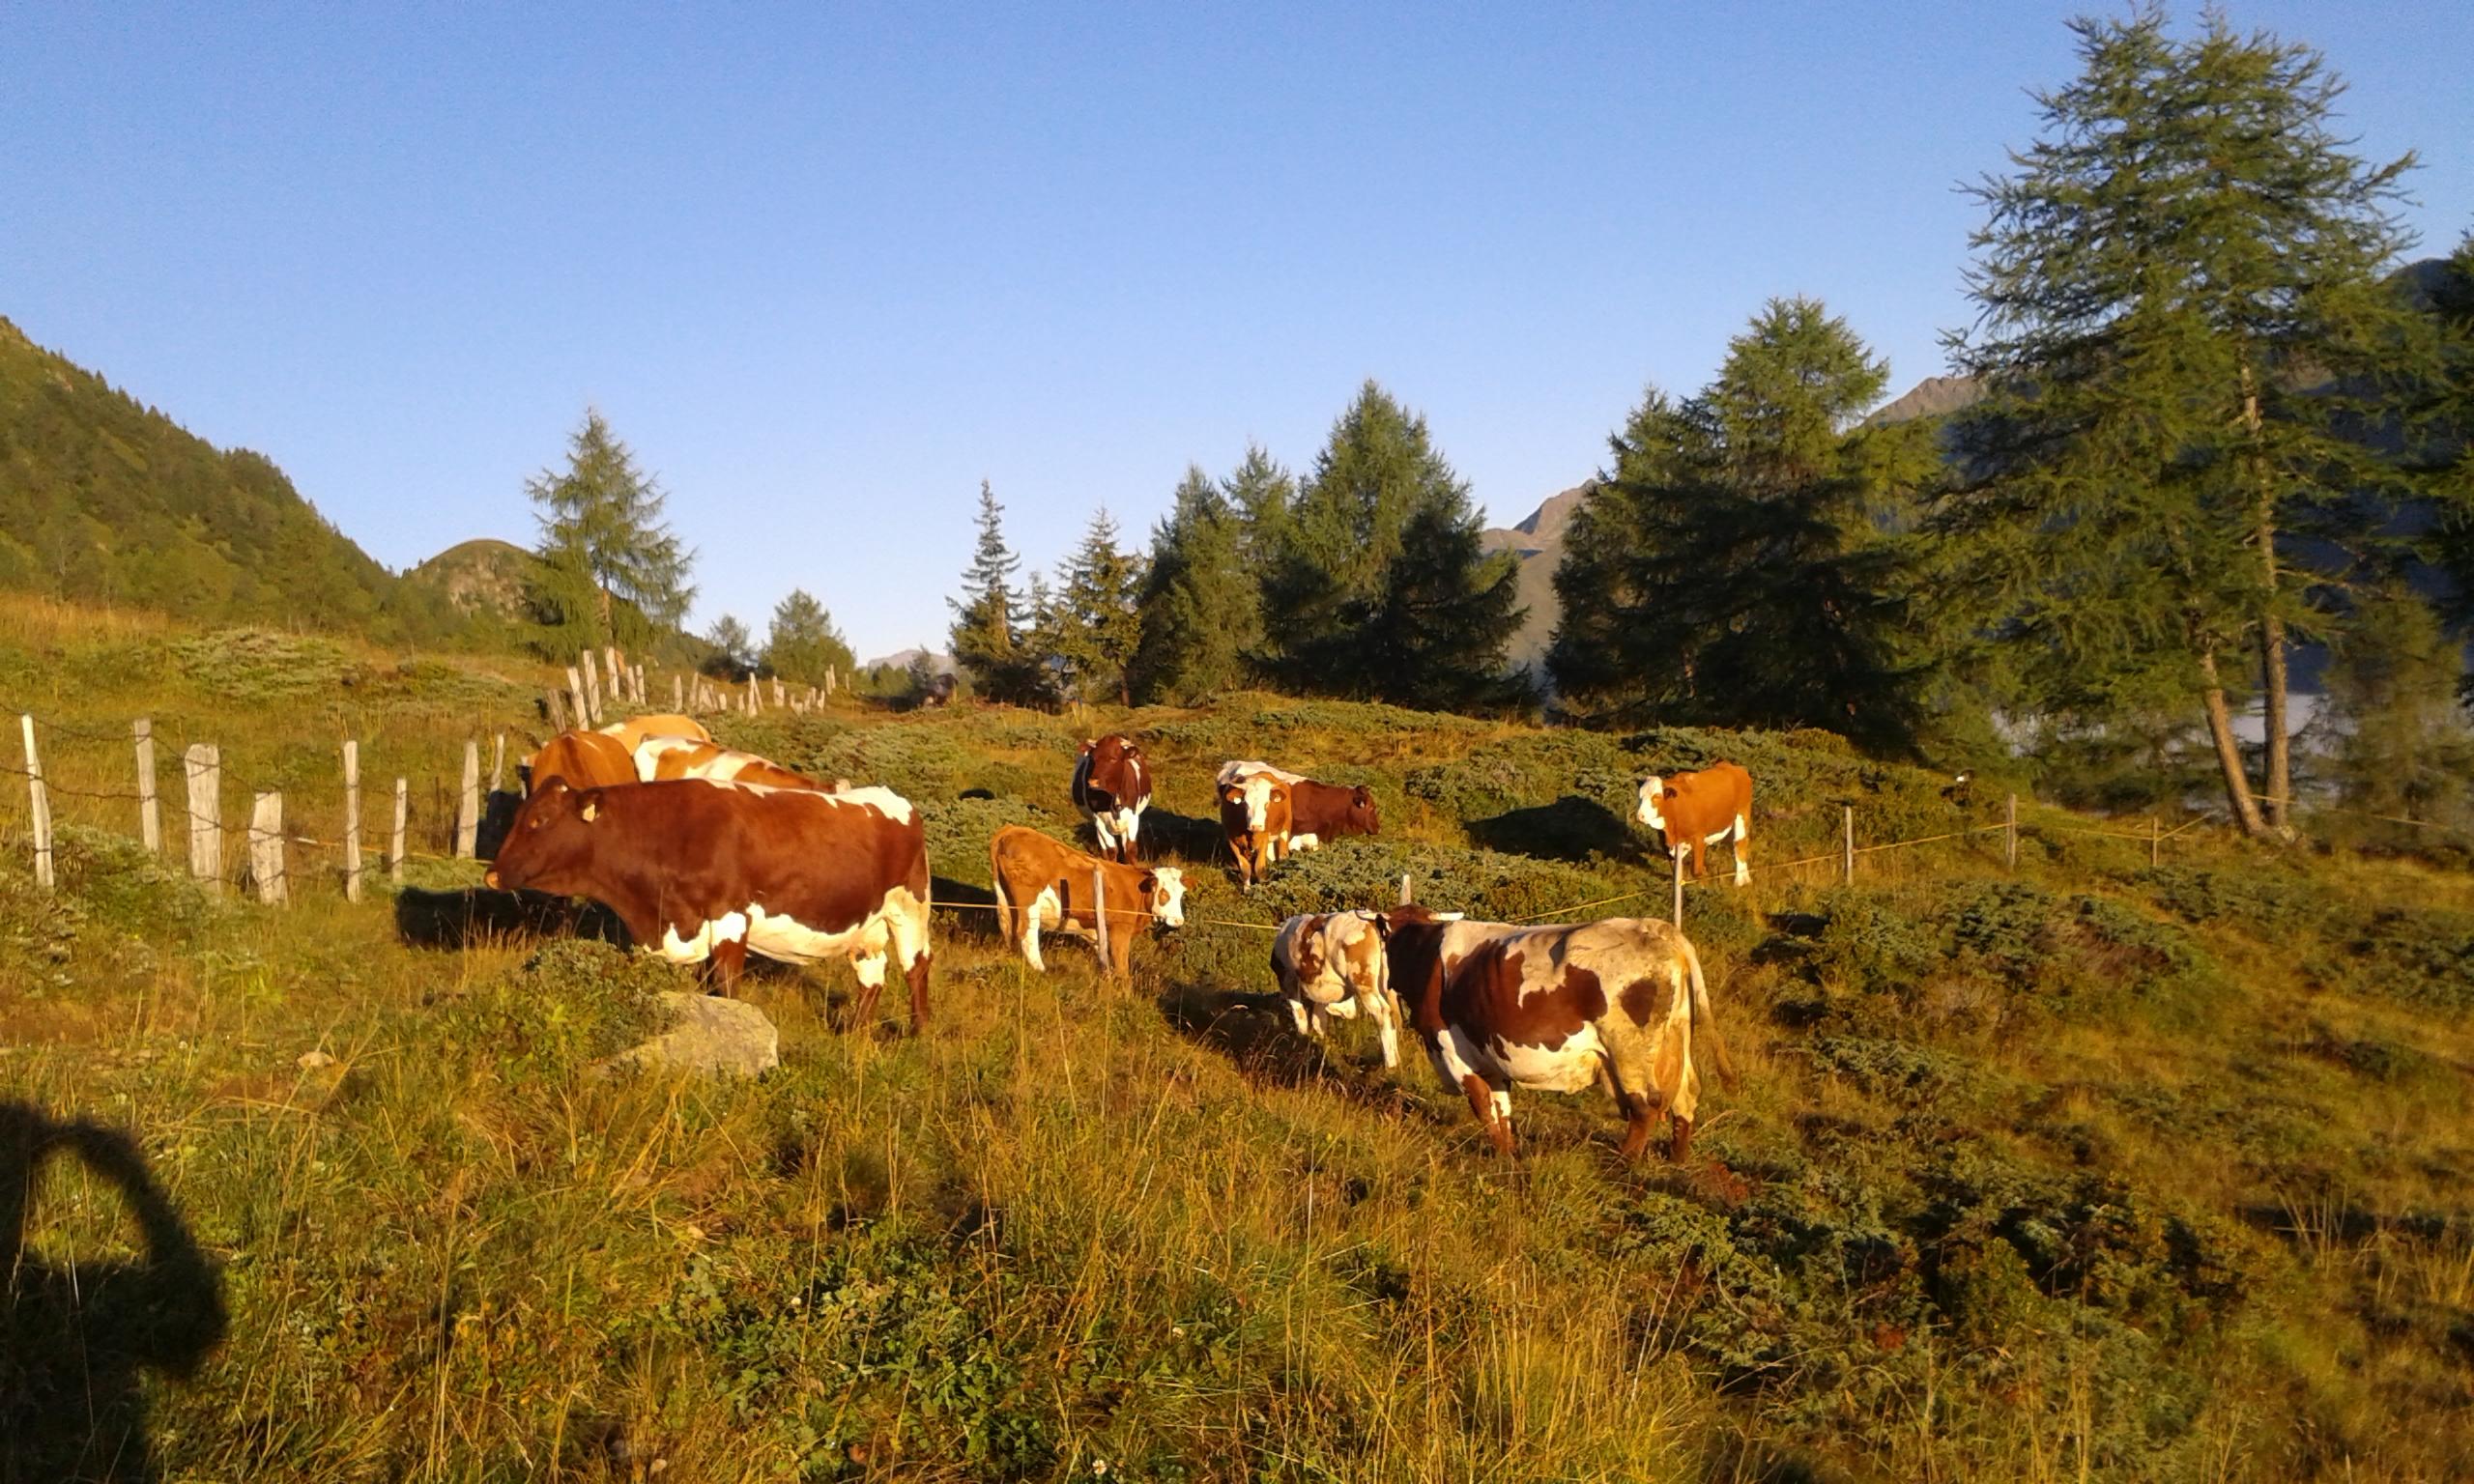 Kühe grasen auf der Weide.